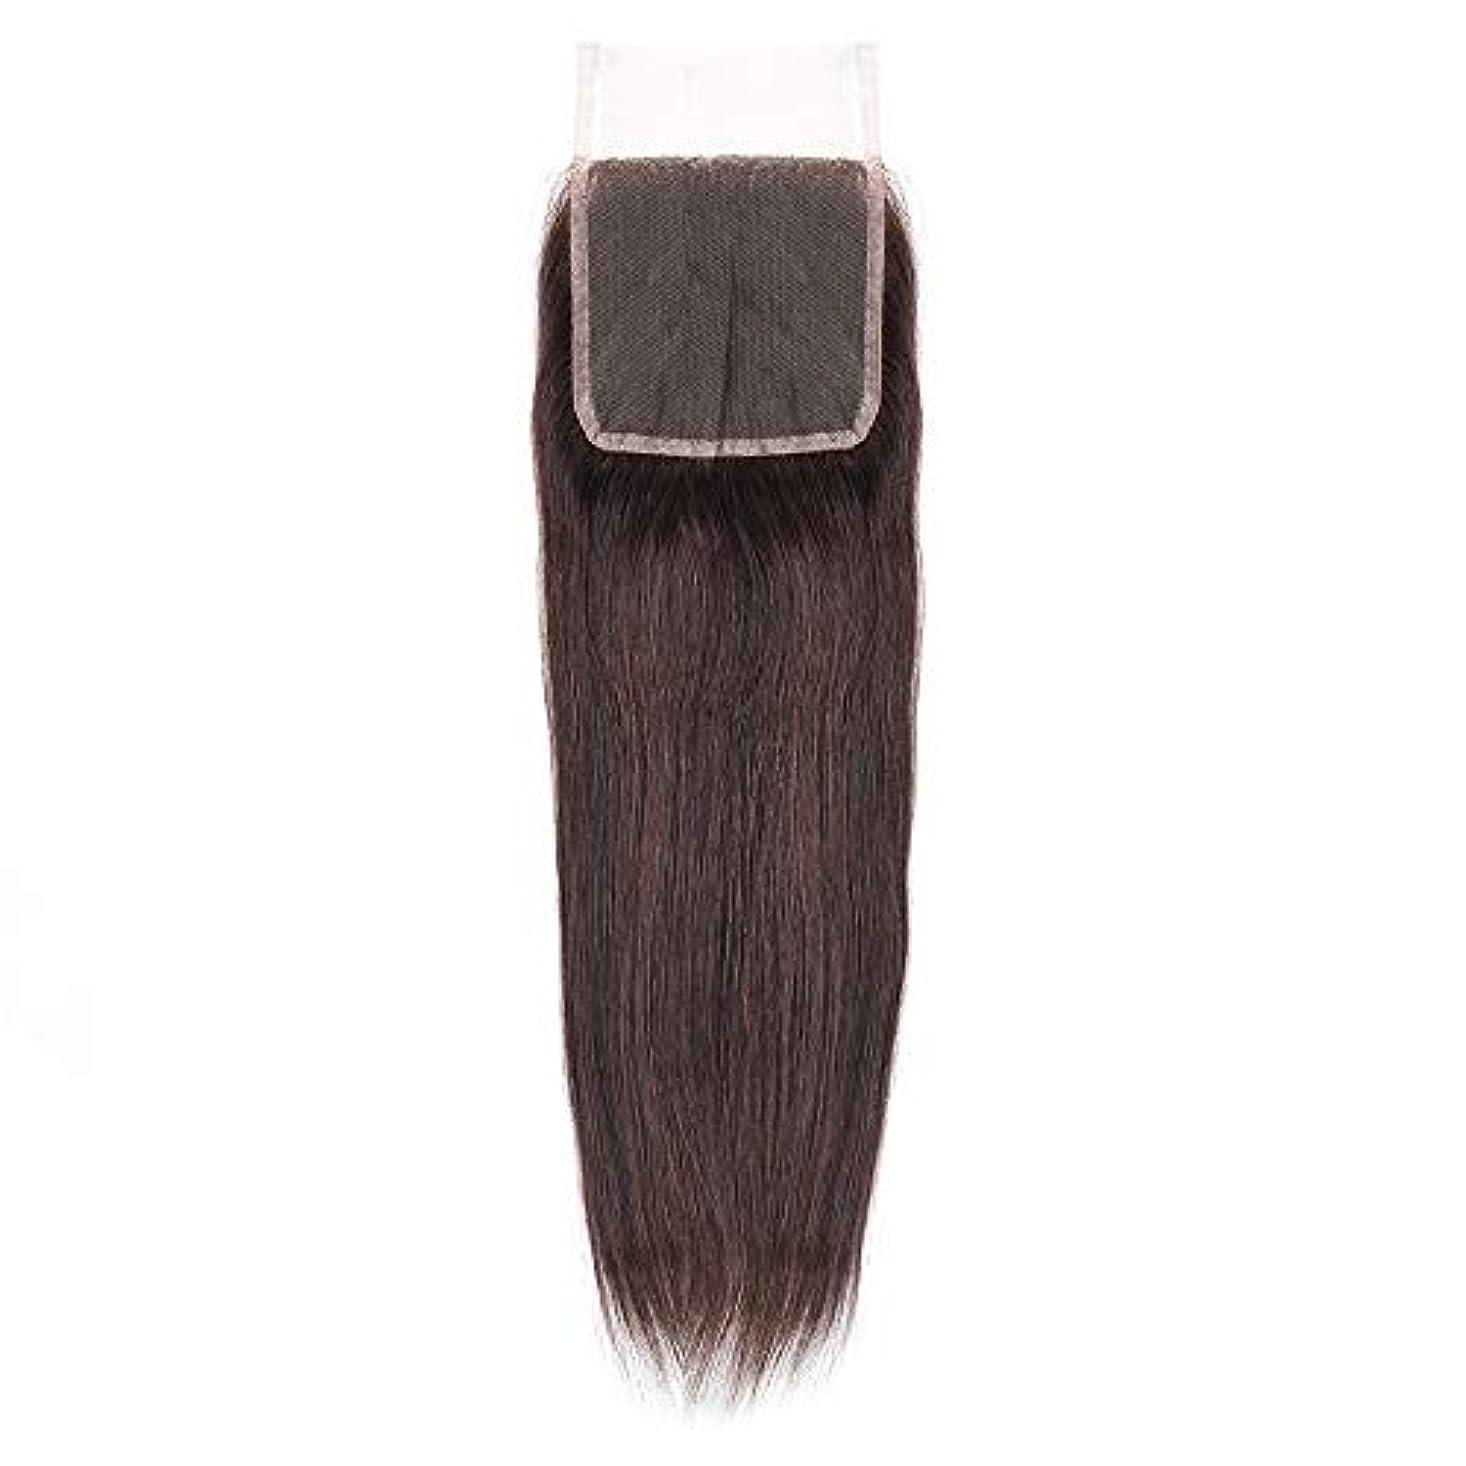 困惑したシエスタ療法HOHYLLYA 絹のような長い茶色のレースの閉鎖ストレートヘアレース前頭ブラジル髪の耳に4 x 4自由な部分の人間の毛髪の女性の合成かつらレースのかつらロールプレイングかつら (色 : 黒, サイズ : 18 inch)